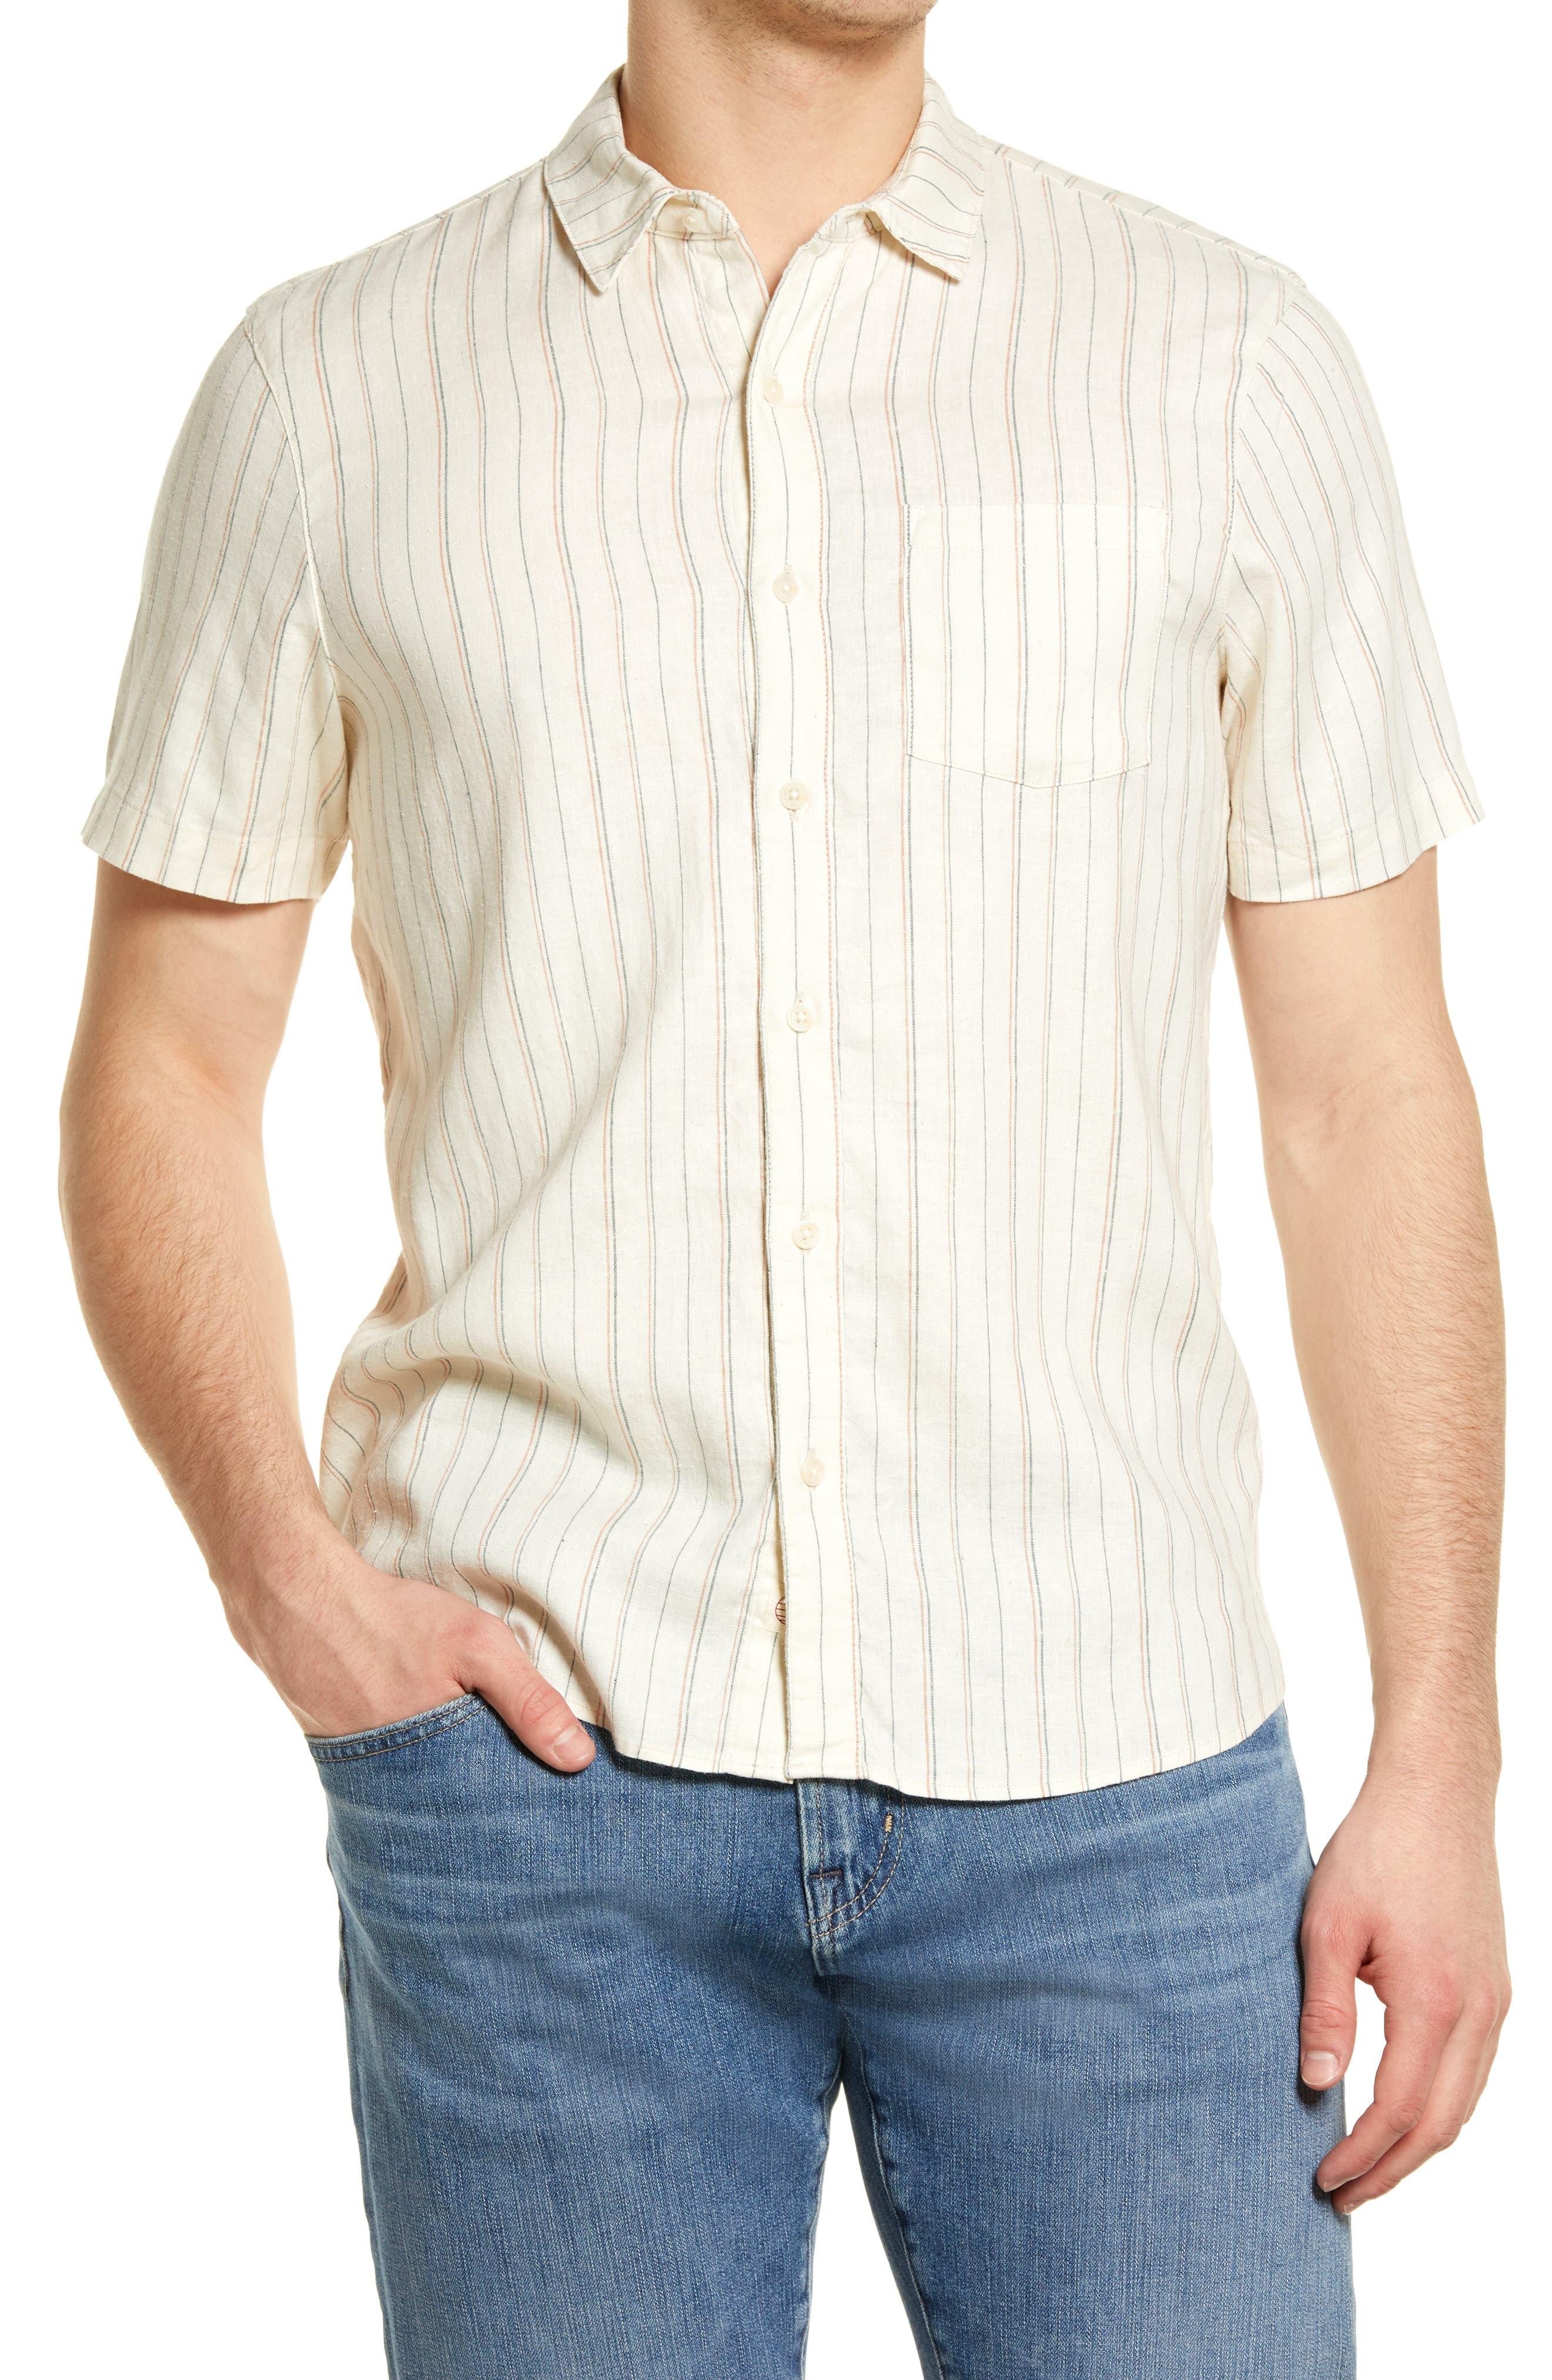 Vertical Stripe Short Sleeve Button-Up Shirt